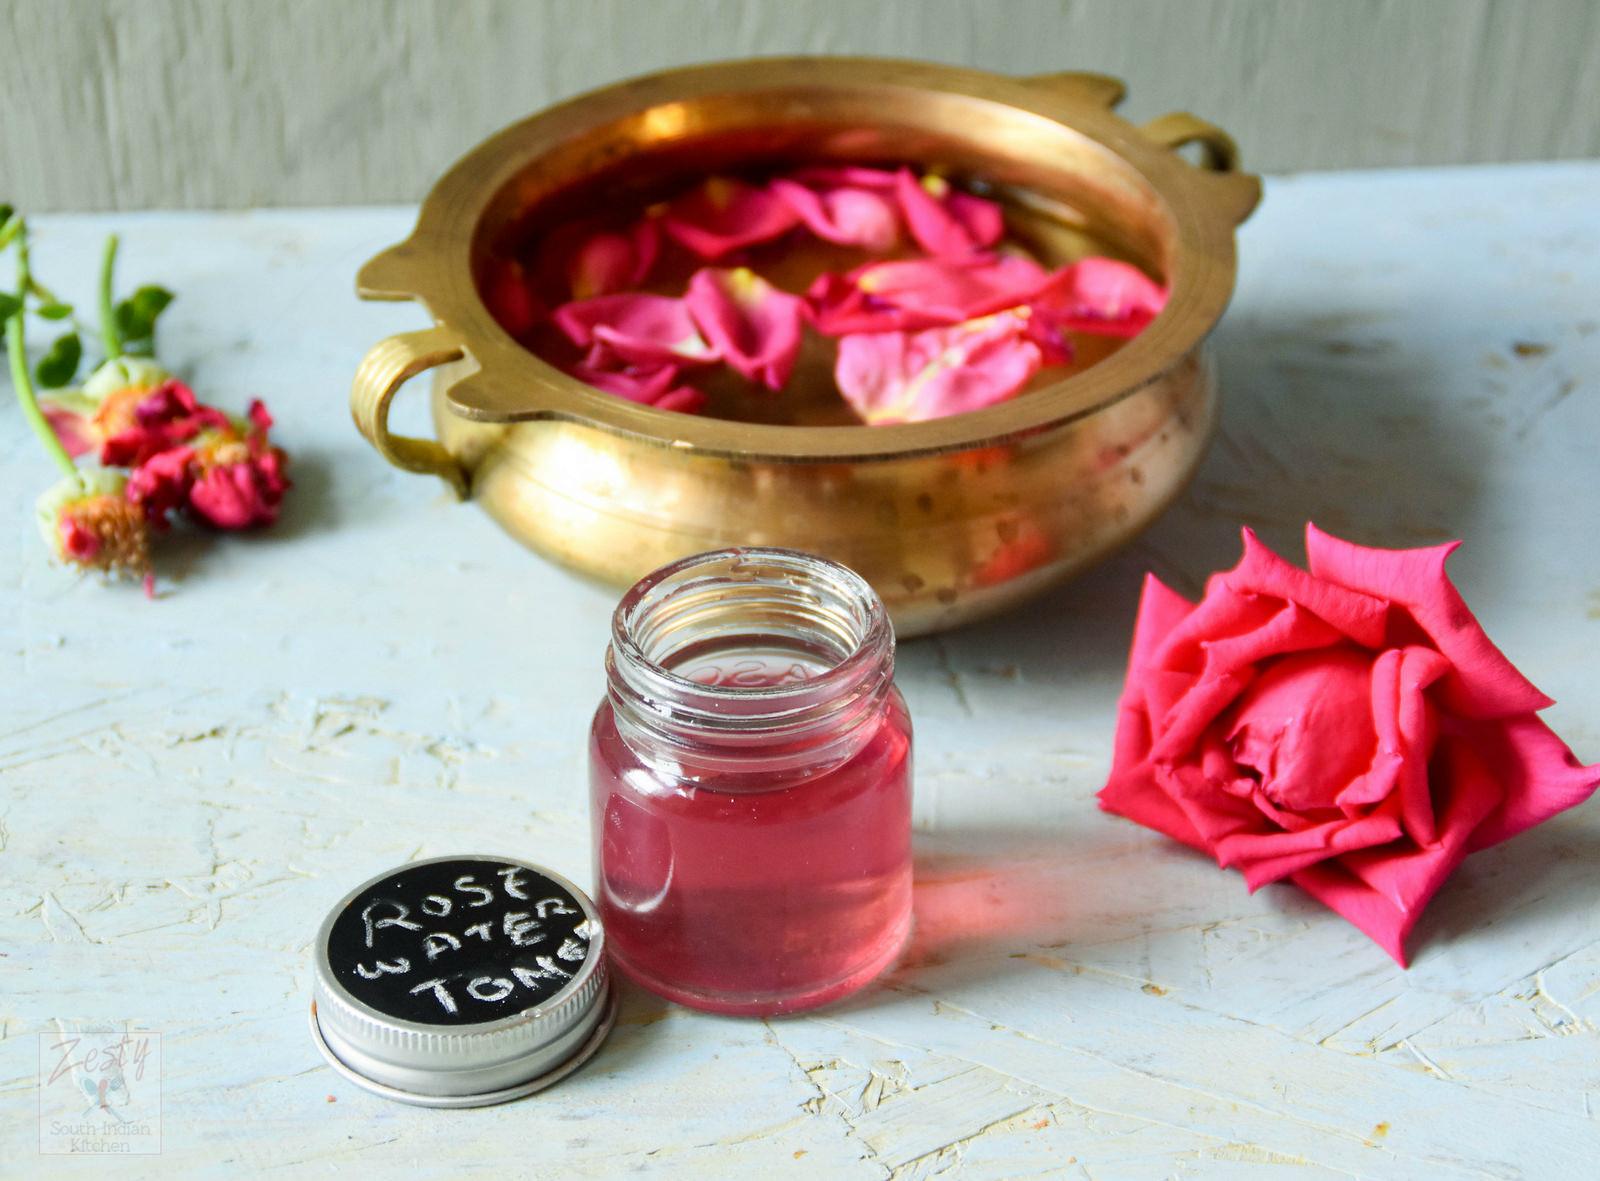 7 cách dùng nước hoa hồng để làm đẹp làn da và mái tóc, là phụ nữ tuyệt đối không nên bỏ qua - Ảnh 2